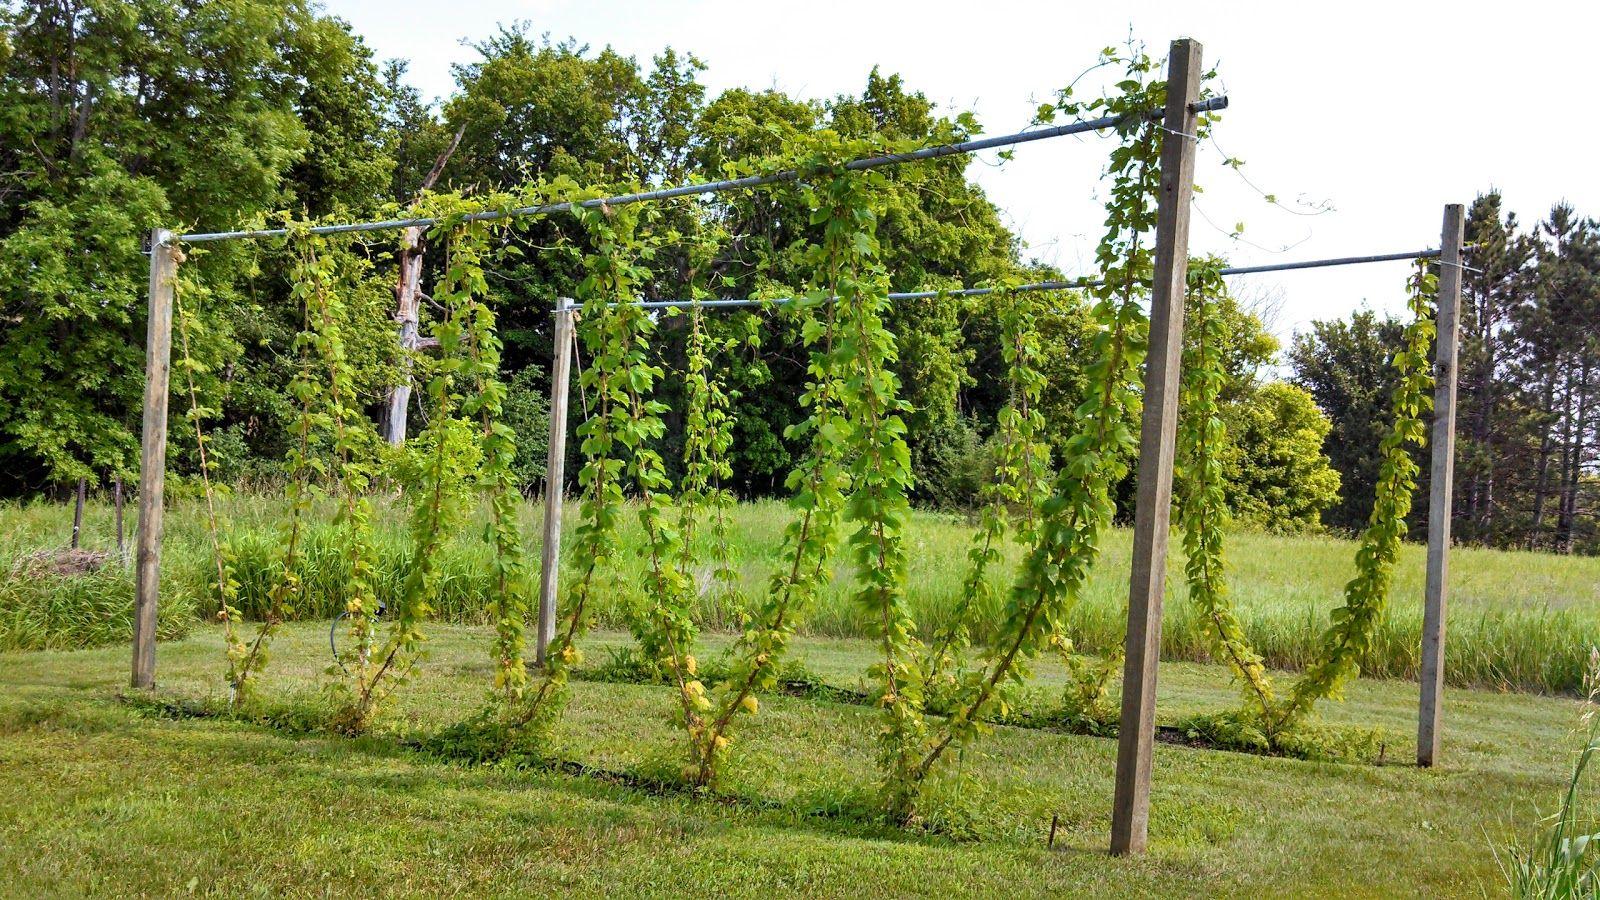 Growing hops vines hops trellis hops vine permaculture